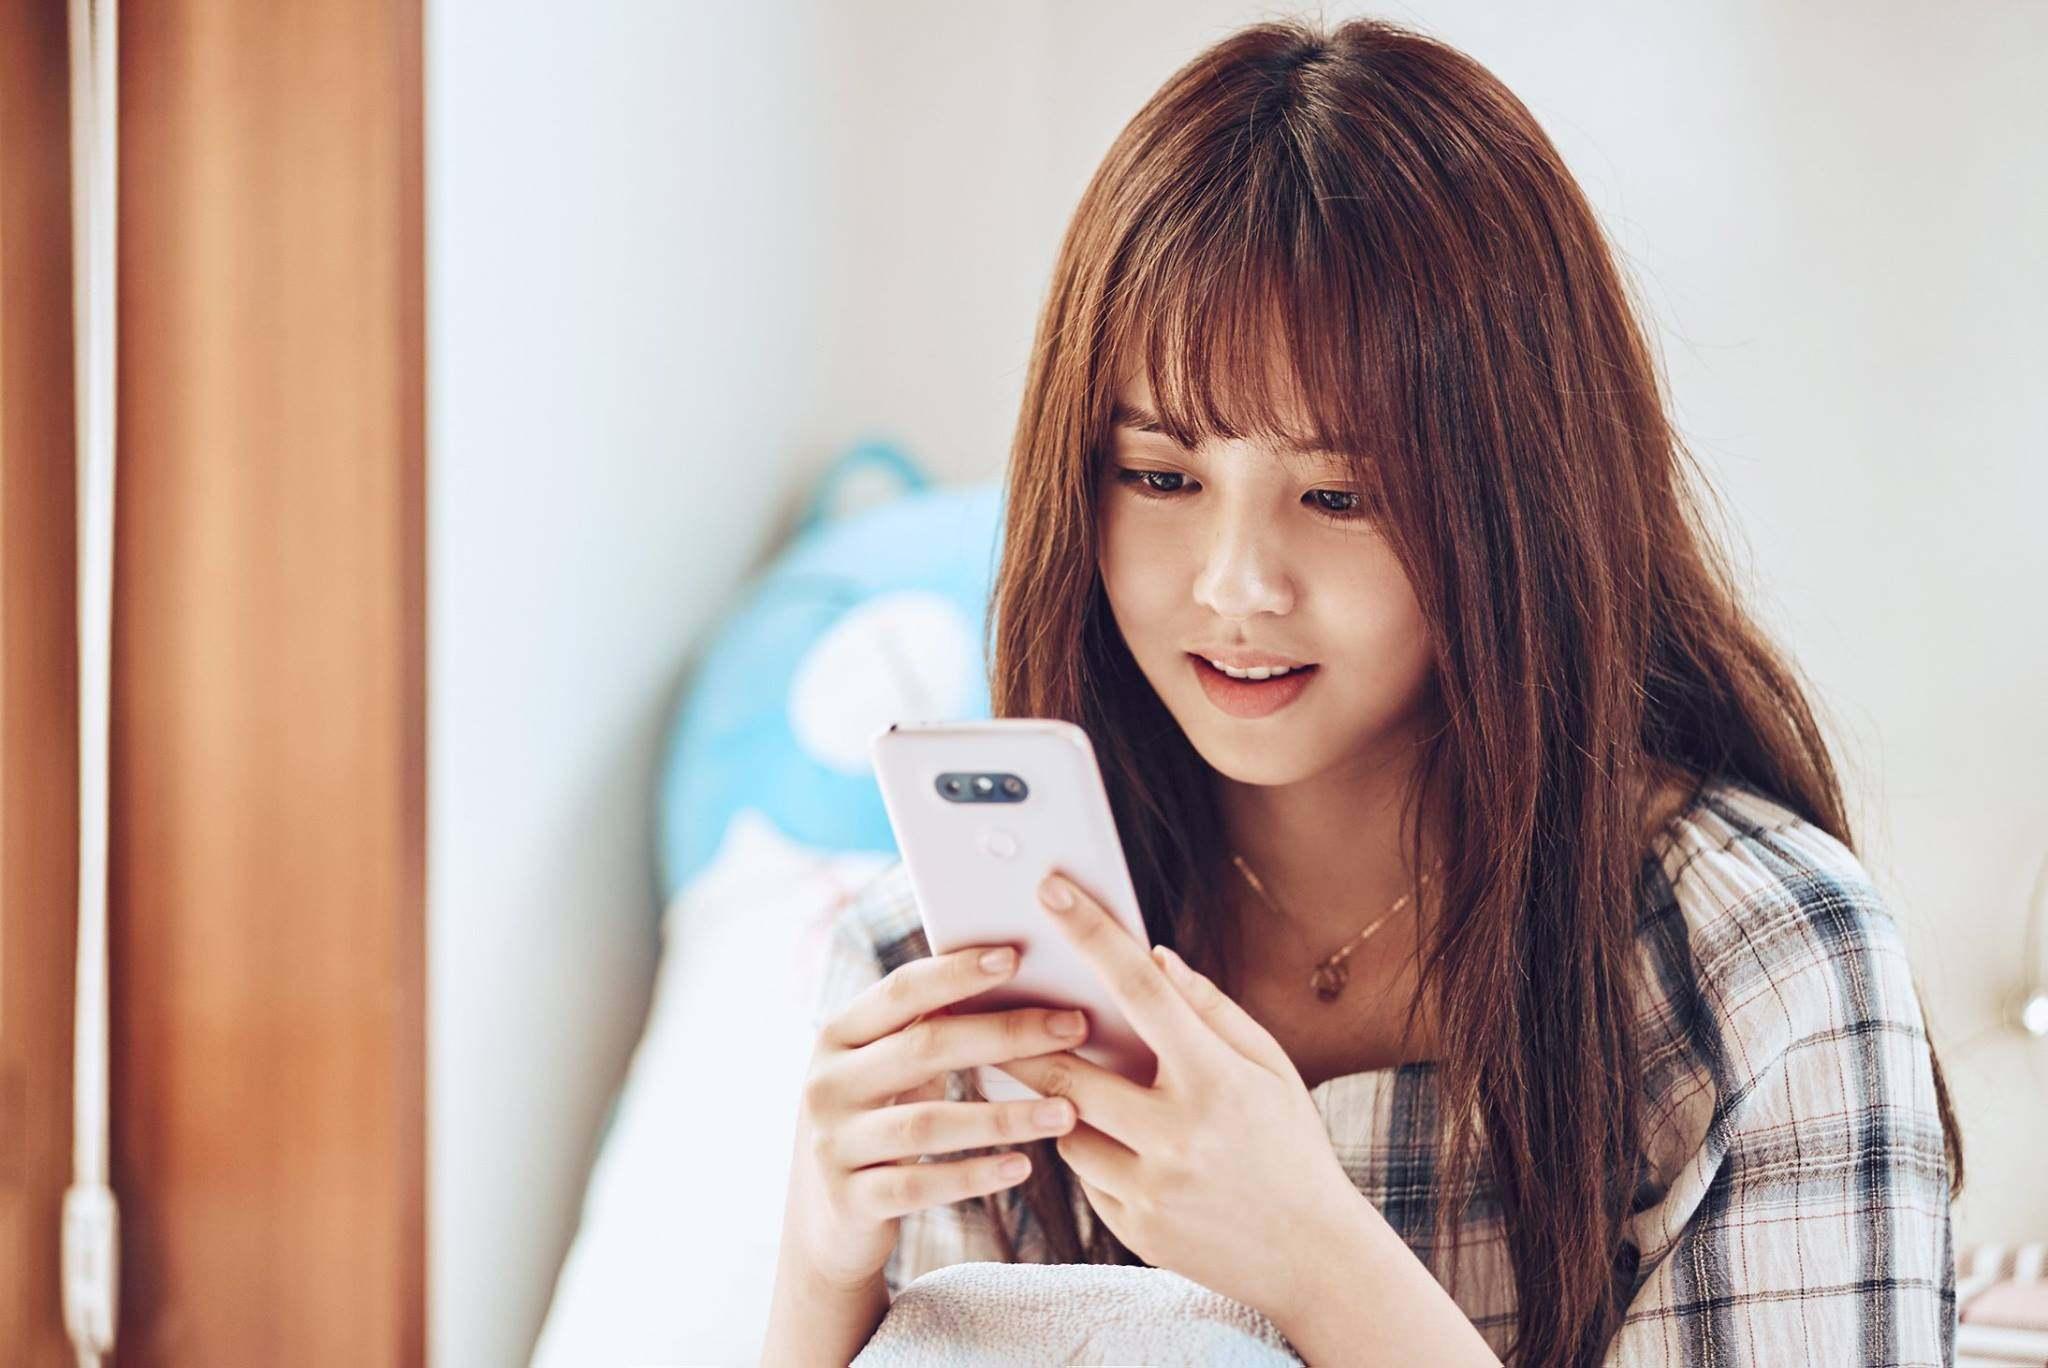 通常熱戀中的情侶 一定是手機不離身~而所炫也表示「時間到了自然會談戀愛」 讓許多粉絲忍不住想大喊「時間暫停吧!」  大家覺得所炫如果真的交男朋友,會是什麼樣類型的男生呢?